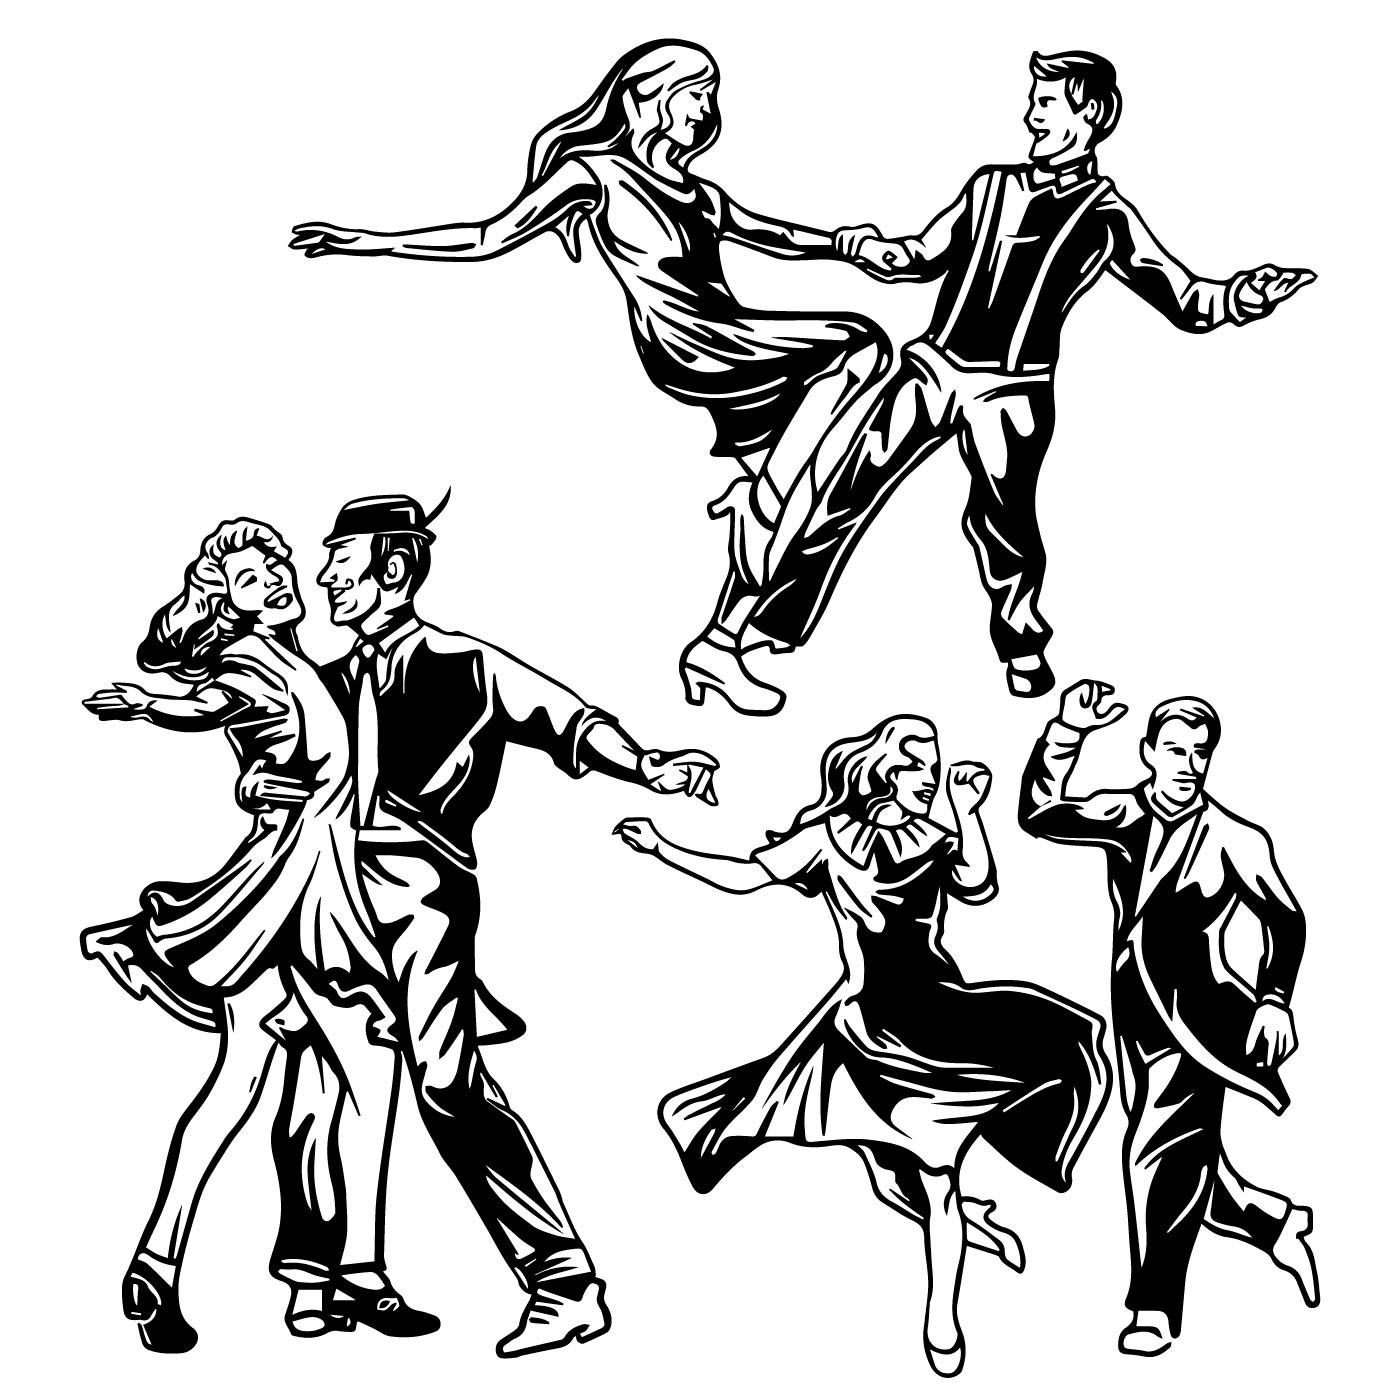 картинки с танцующими людьми графика женщины, поздравляю вас